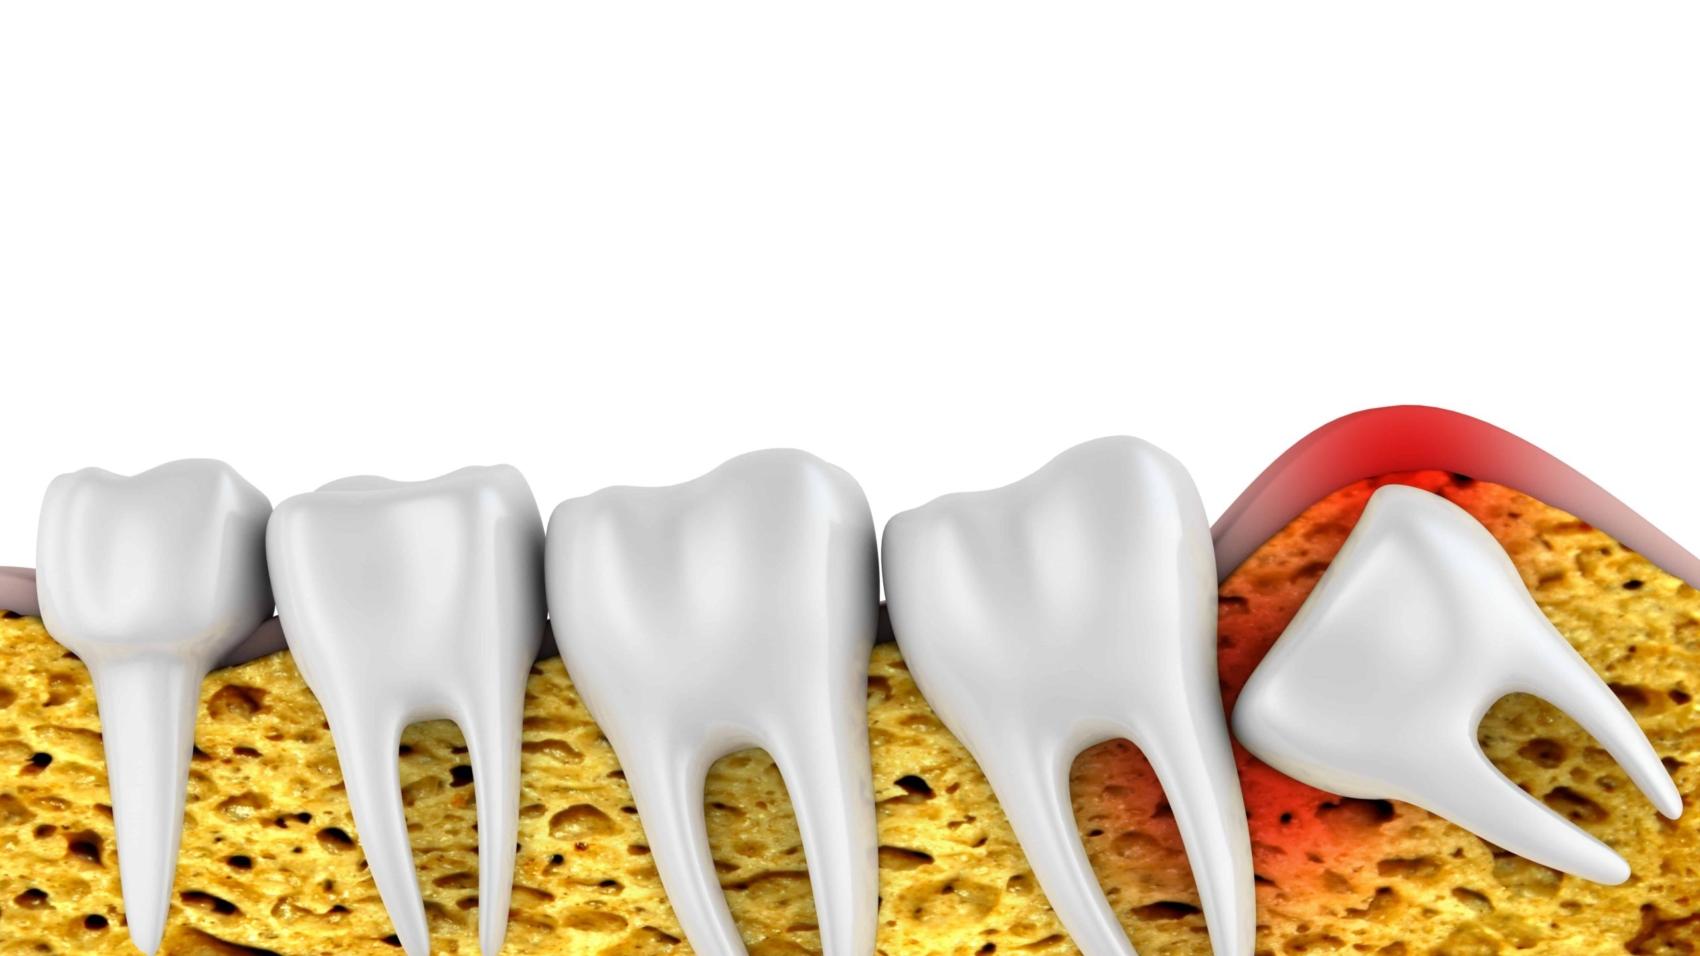 ฟันคุดควรผ่าออกหรือไม่